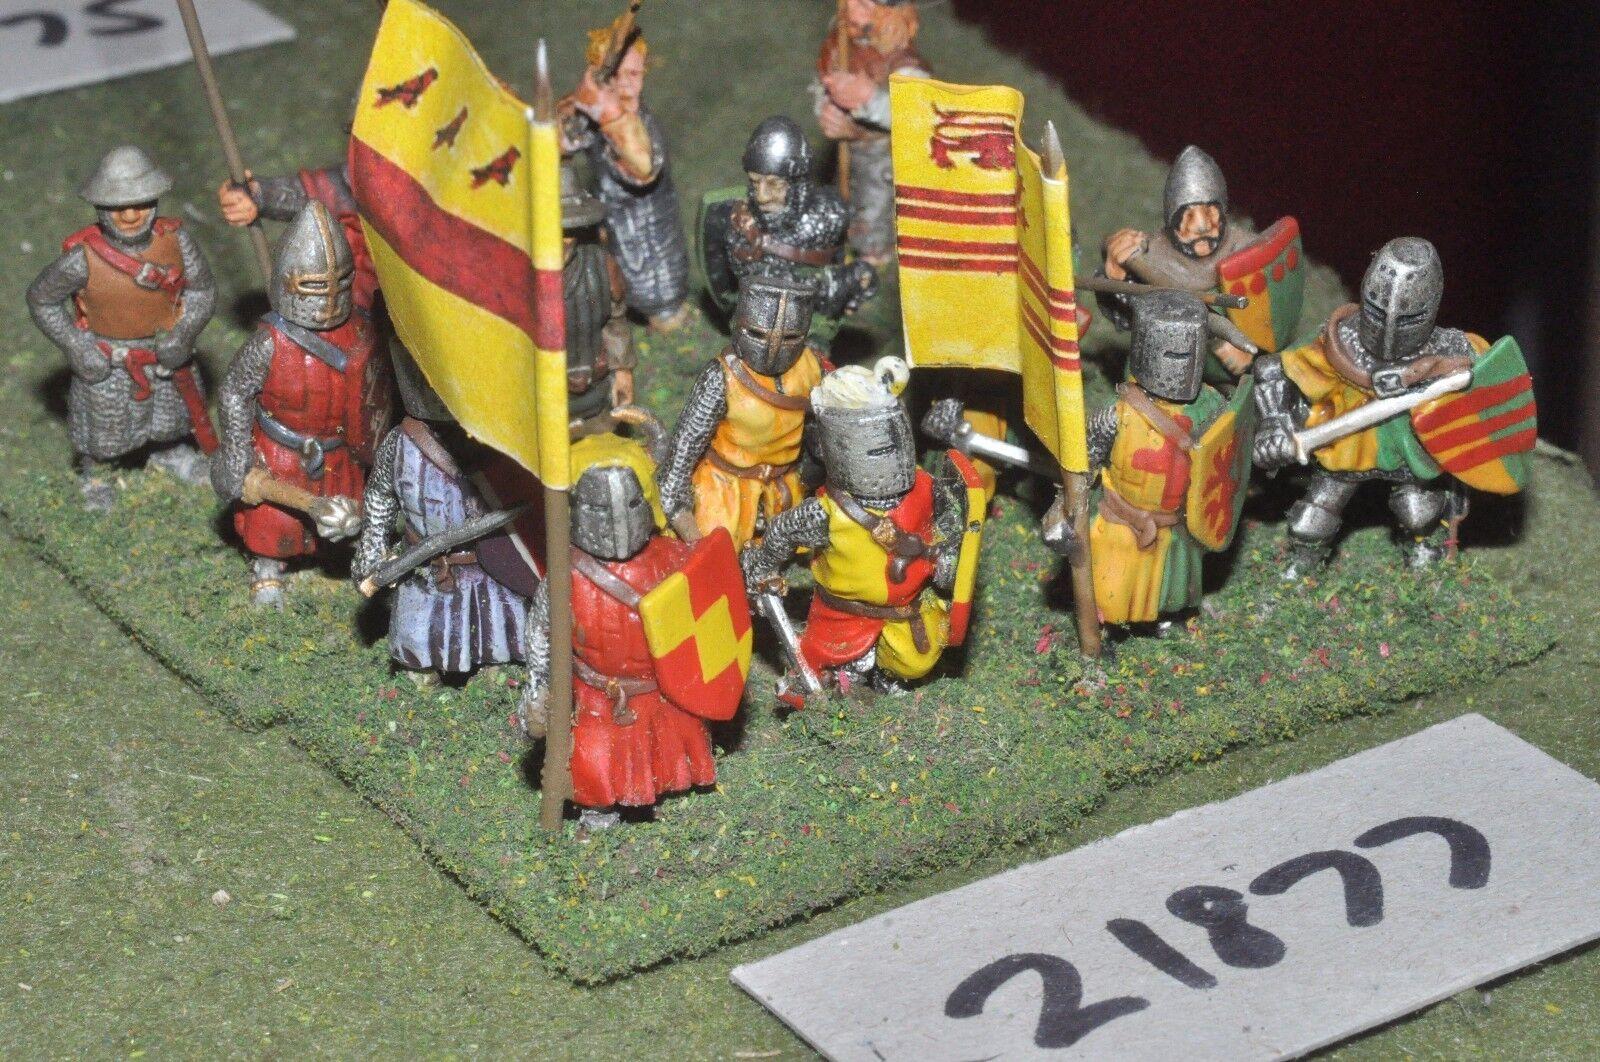 25mm medieval inglés-desmonta una hombres en brazos 16 higos Infantería-INF (21877)